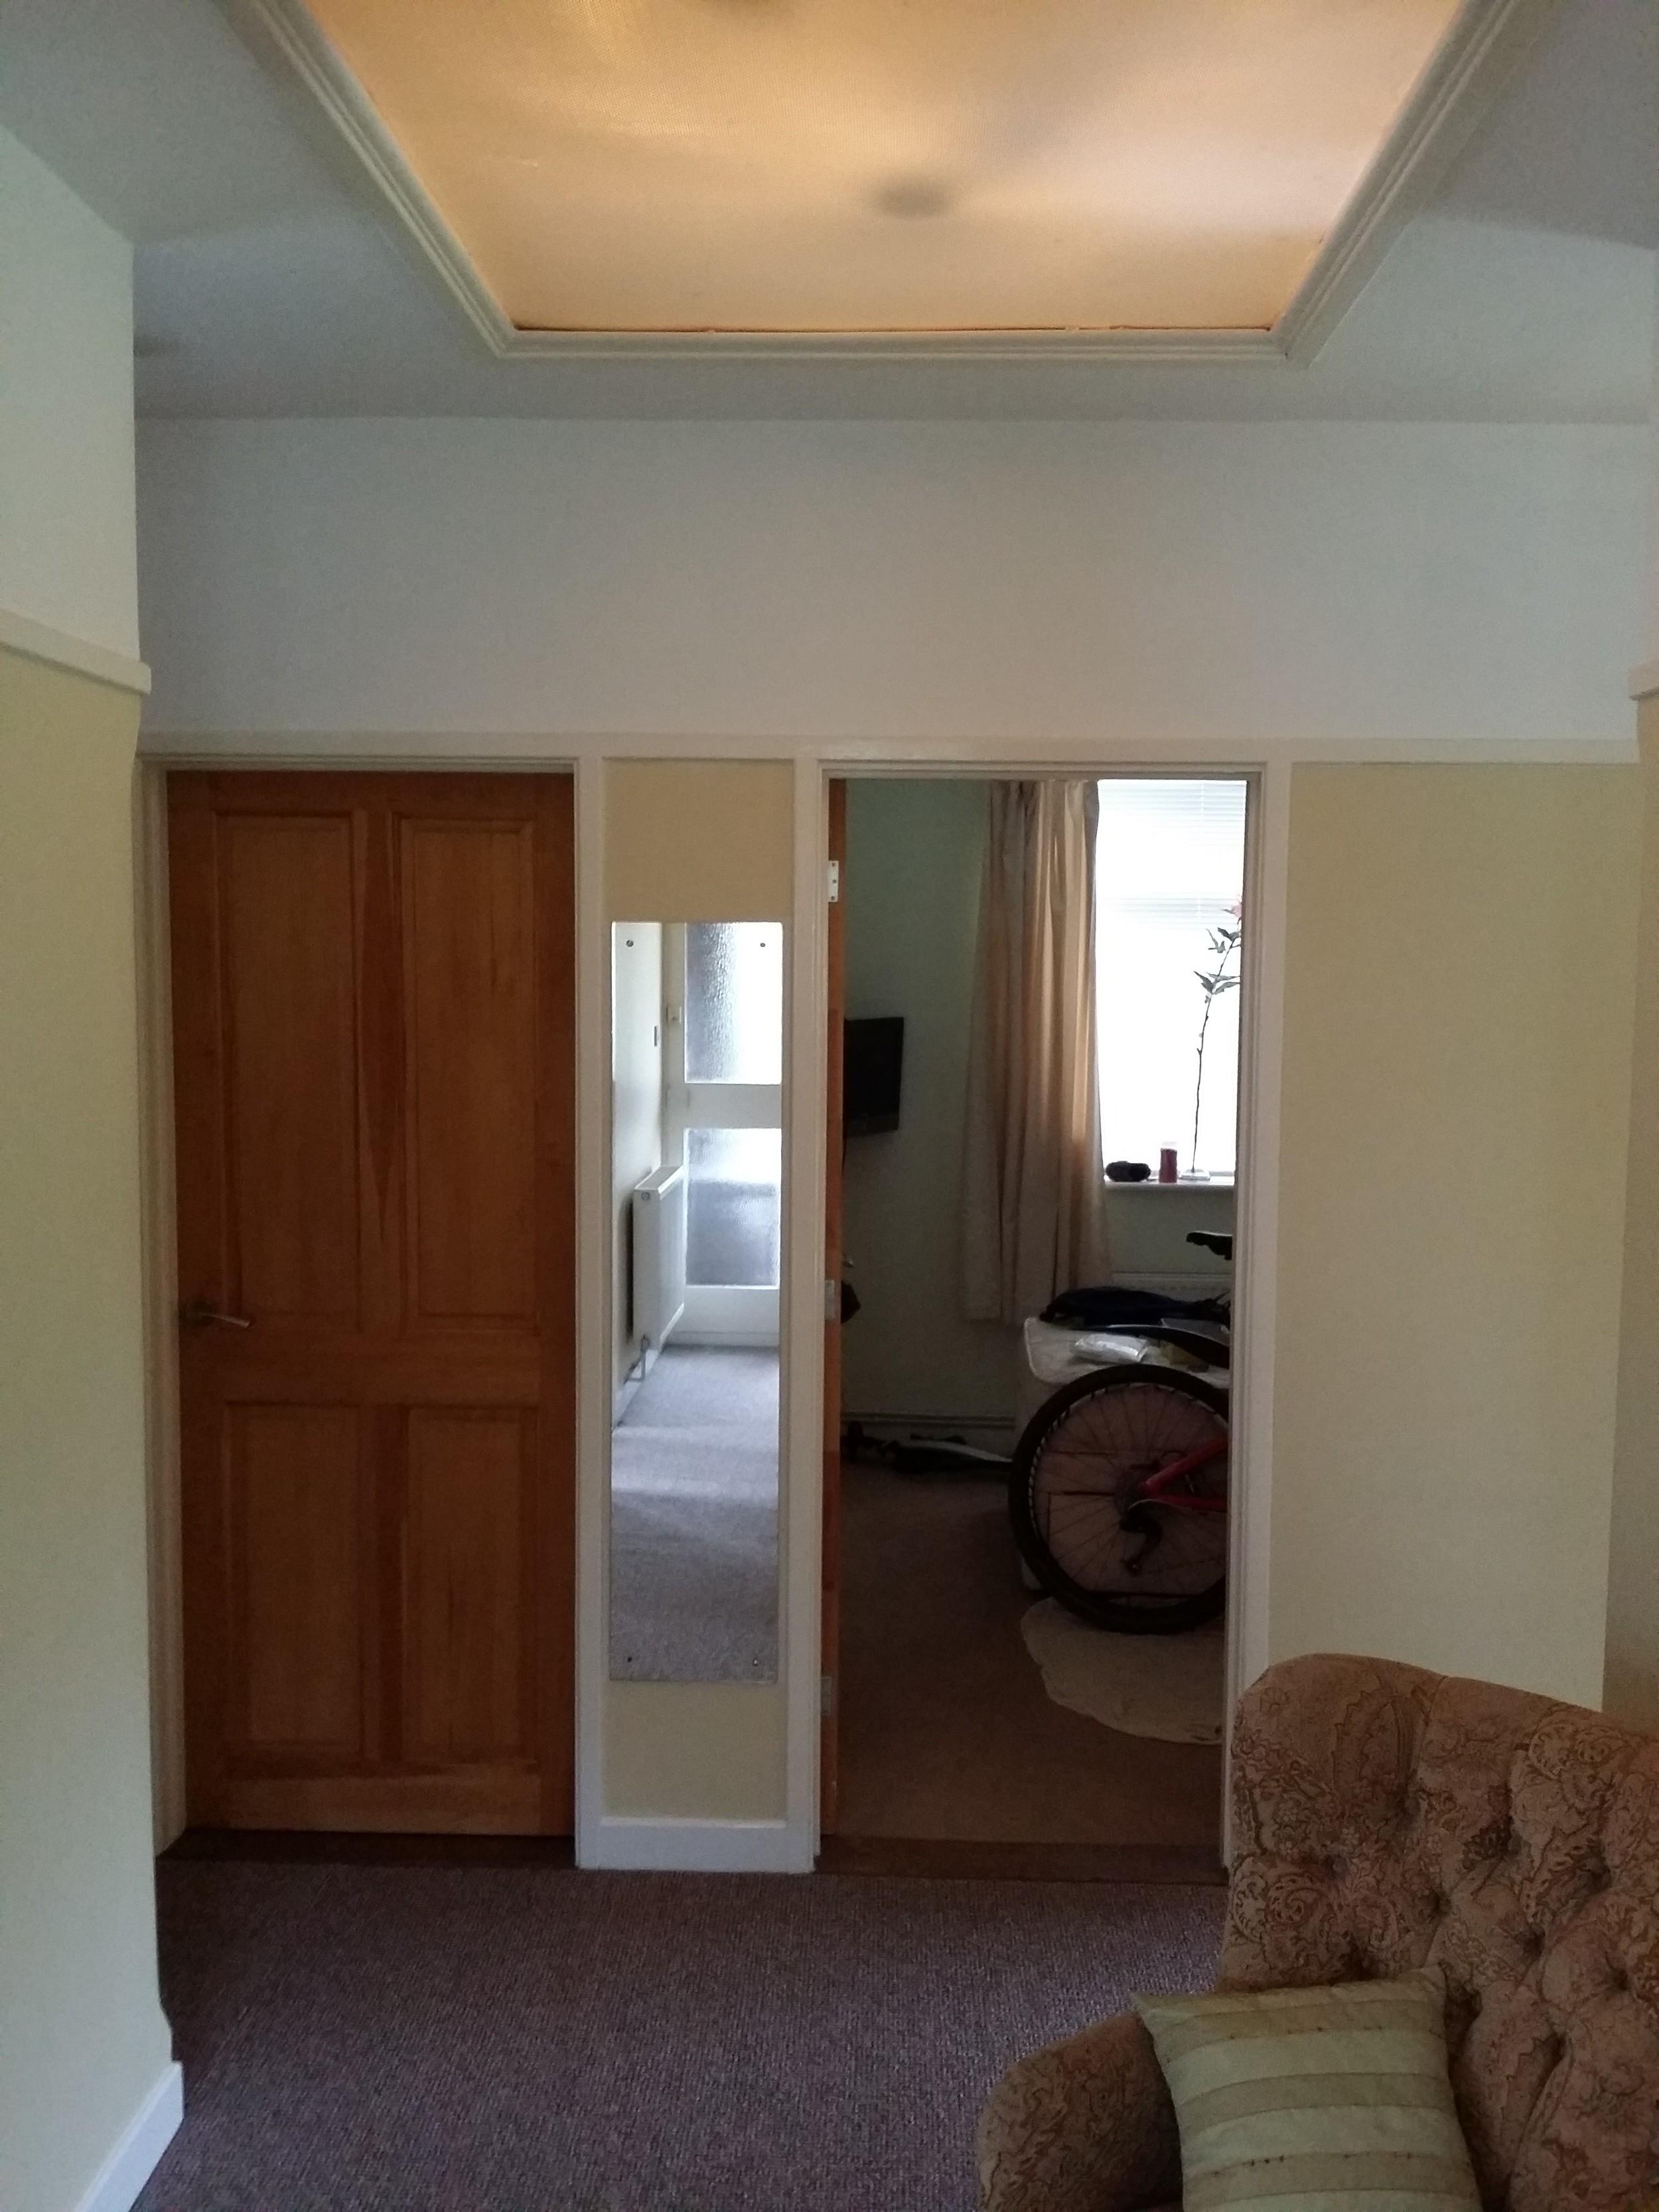 Pre Conversion - Hall / Bedrooms